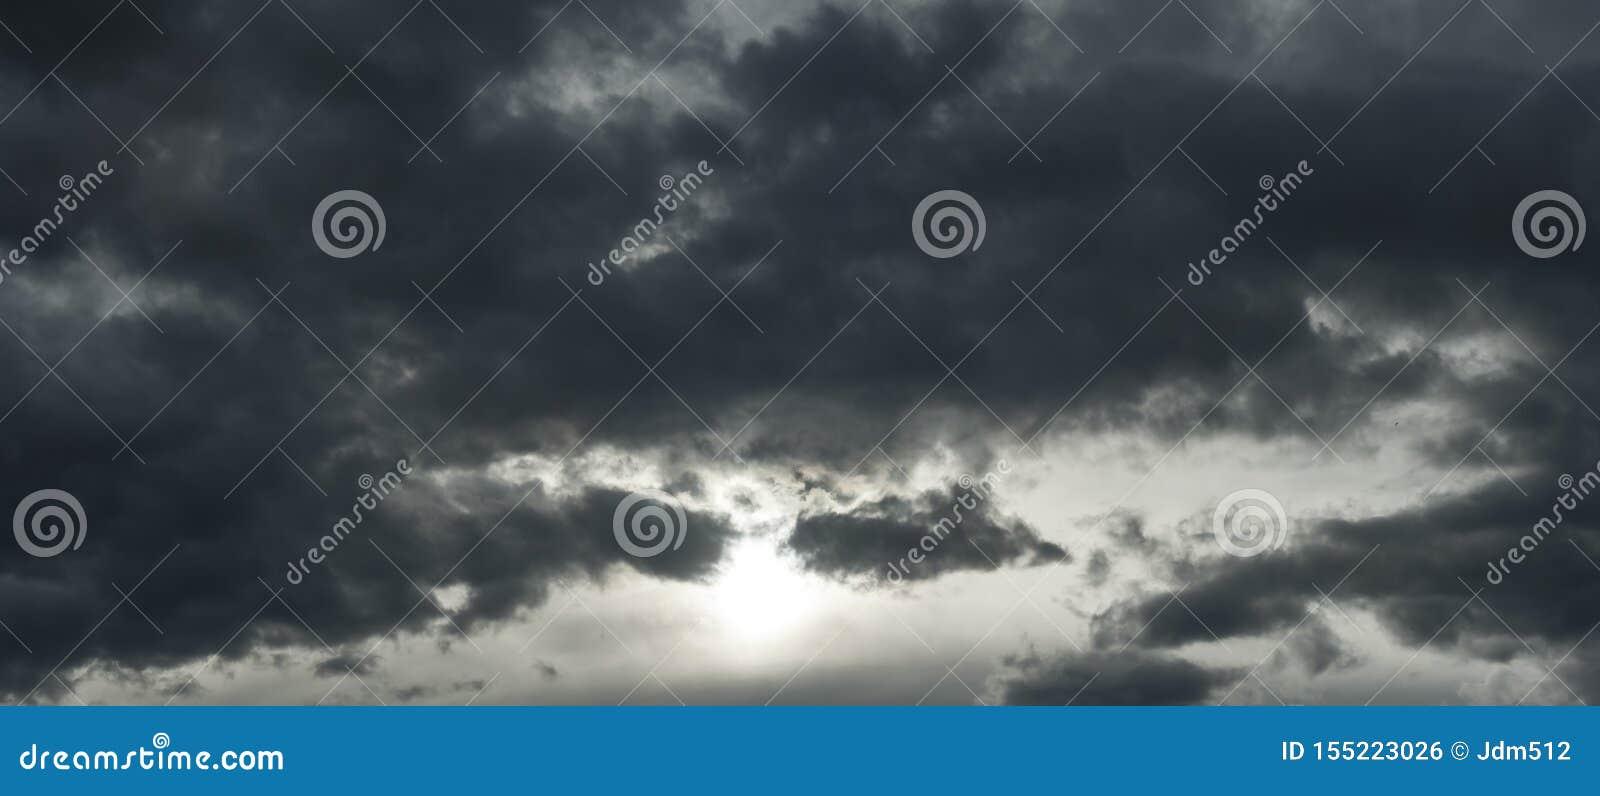 Bedreigend donkere wolken die bijna de volledige hemel behandelen